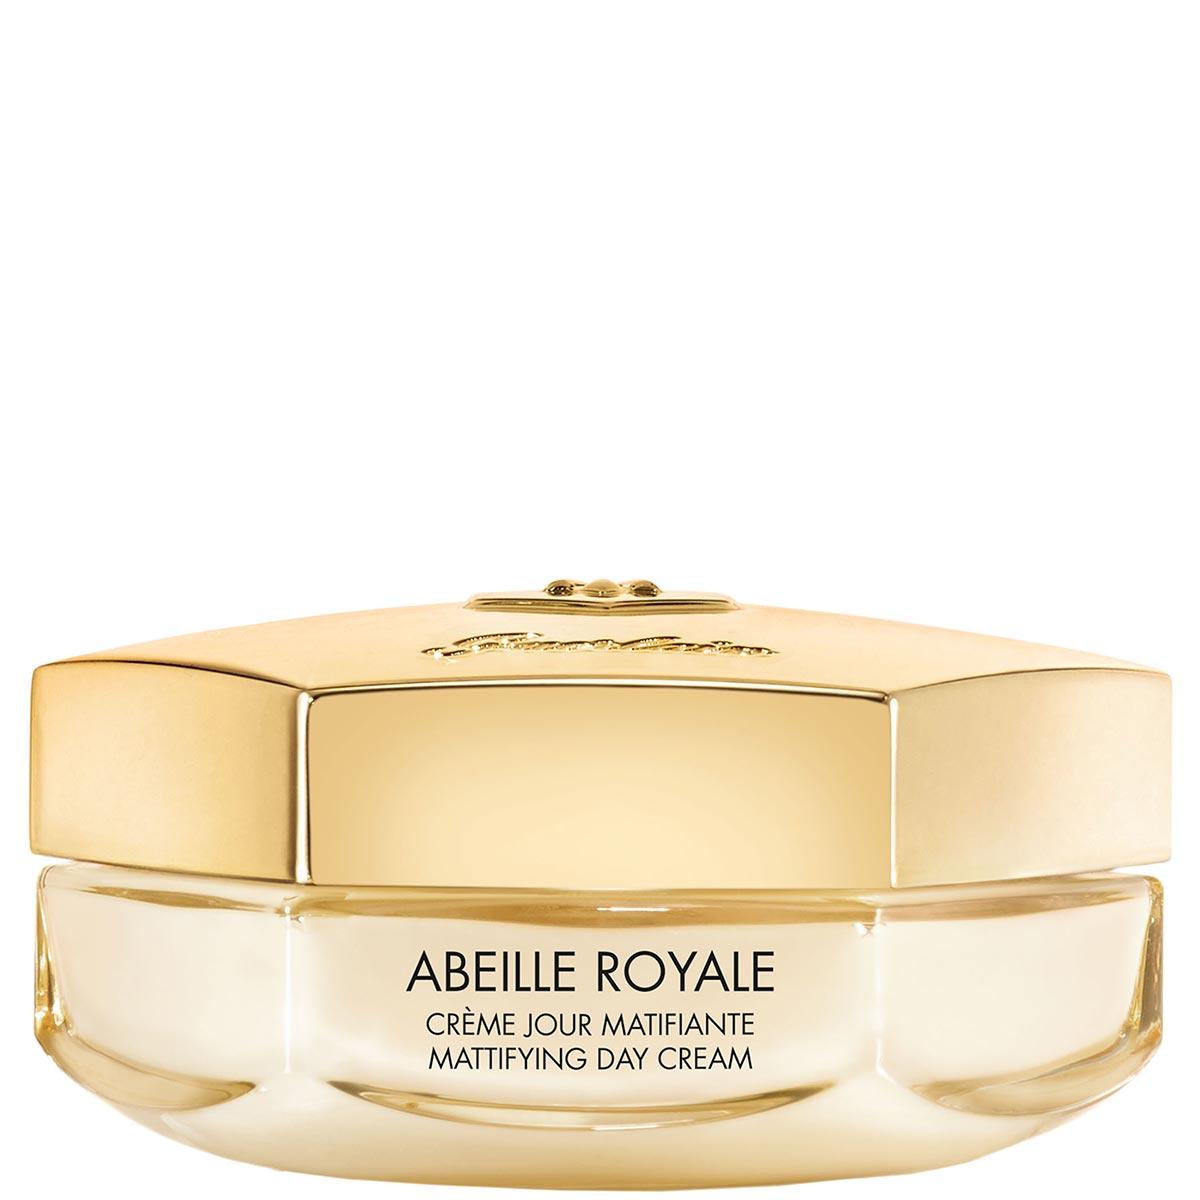 Crème Jour matifiante Abeille Royale - GUERLAIN